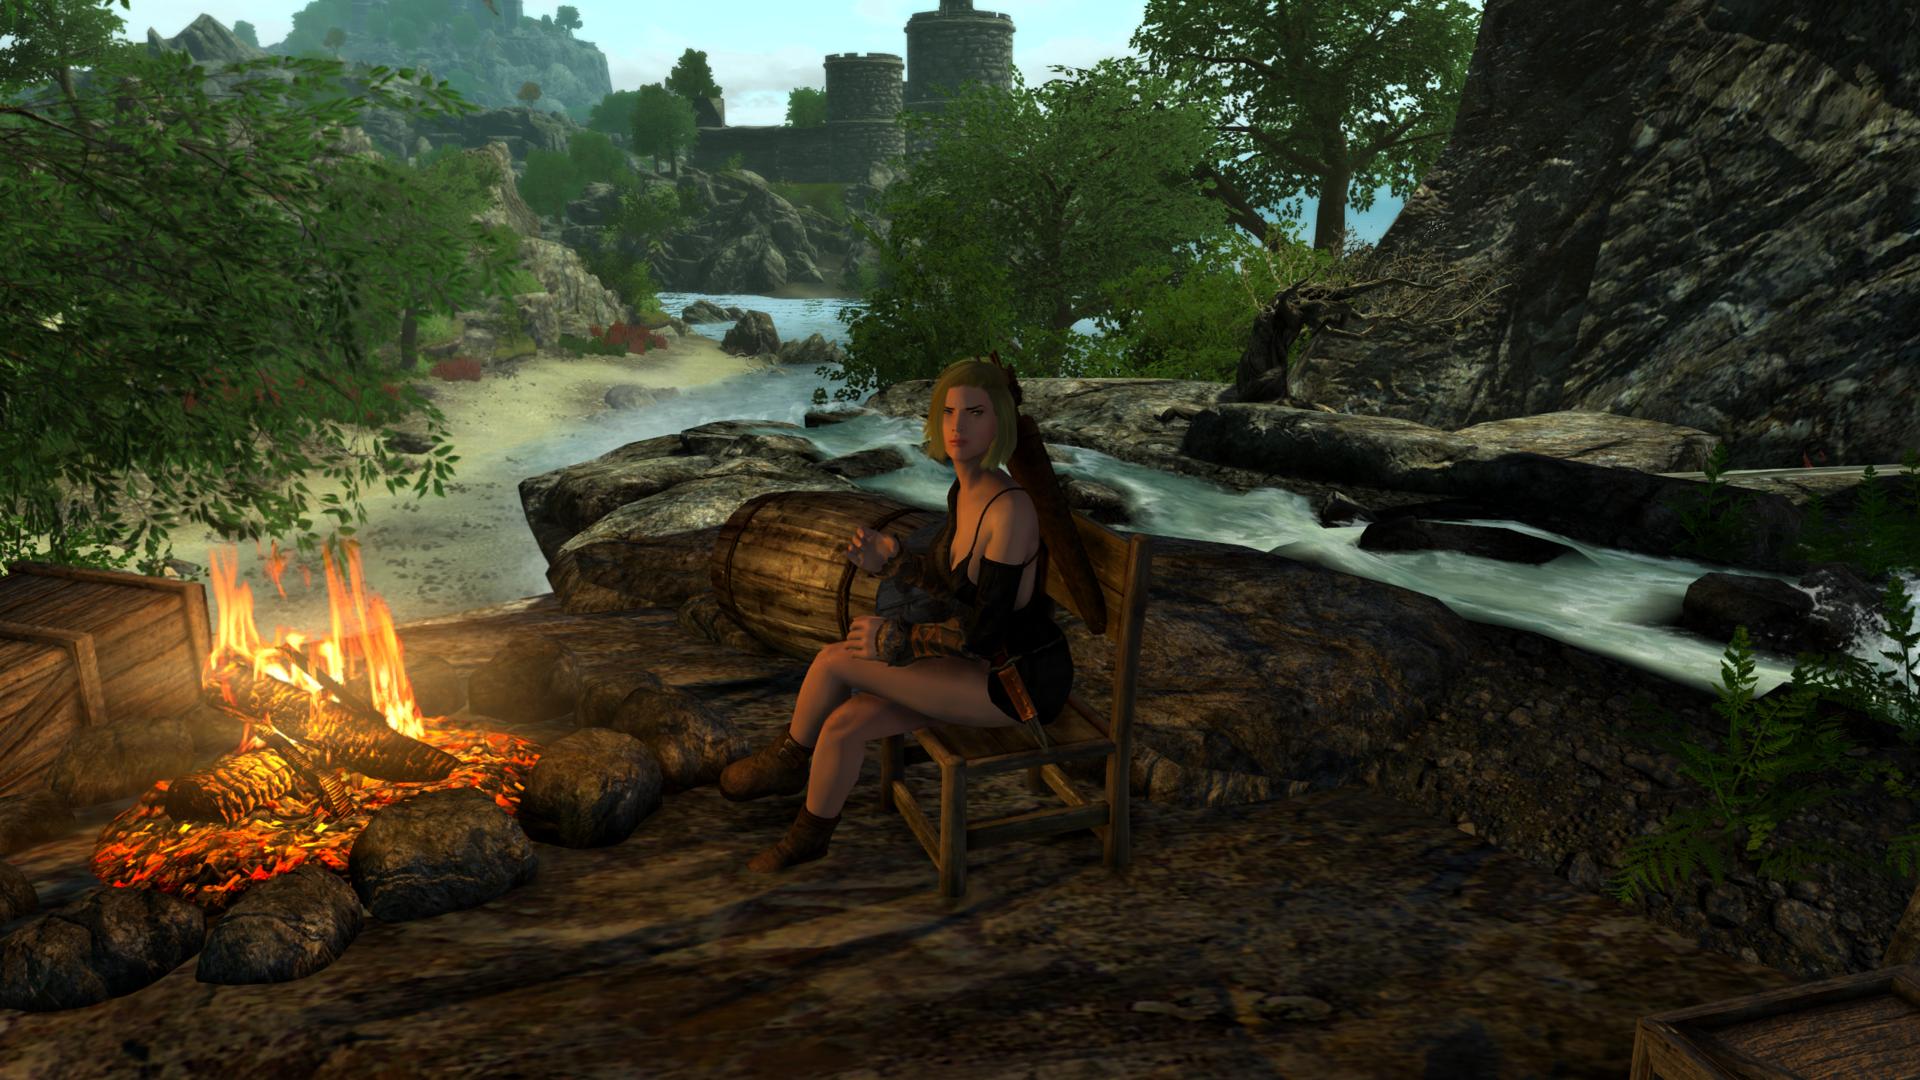 Хорошее место для лагеря. Романтичное.